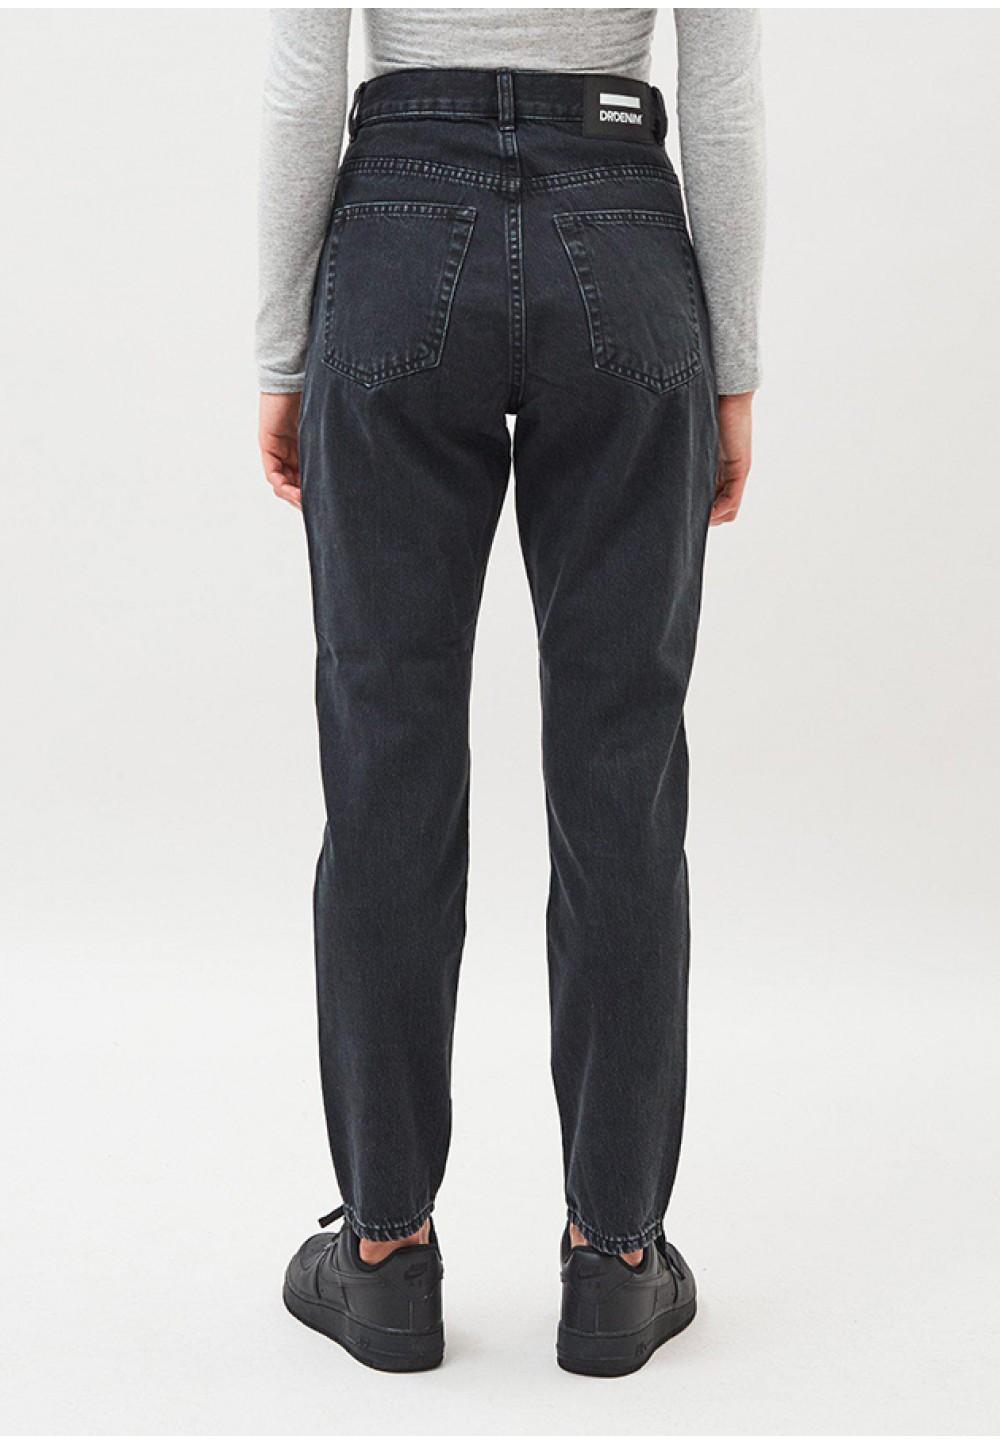 Стильные джинсы NORA в ретро- стиле